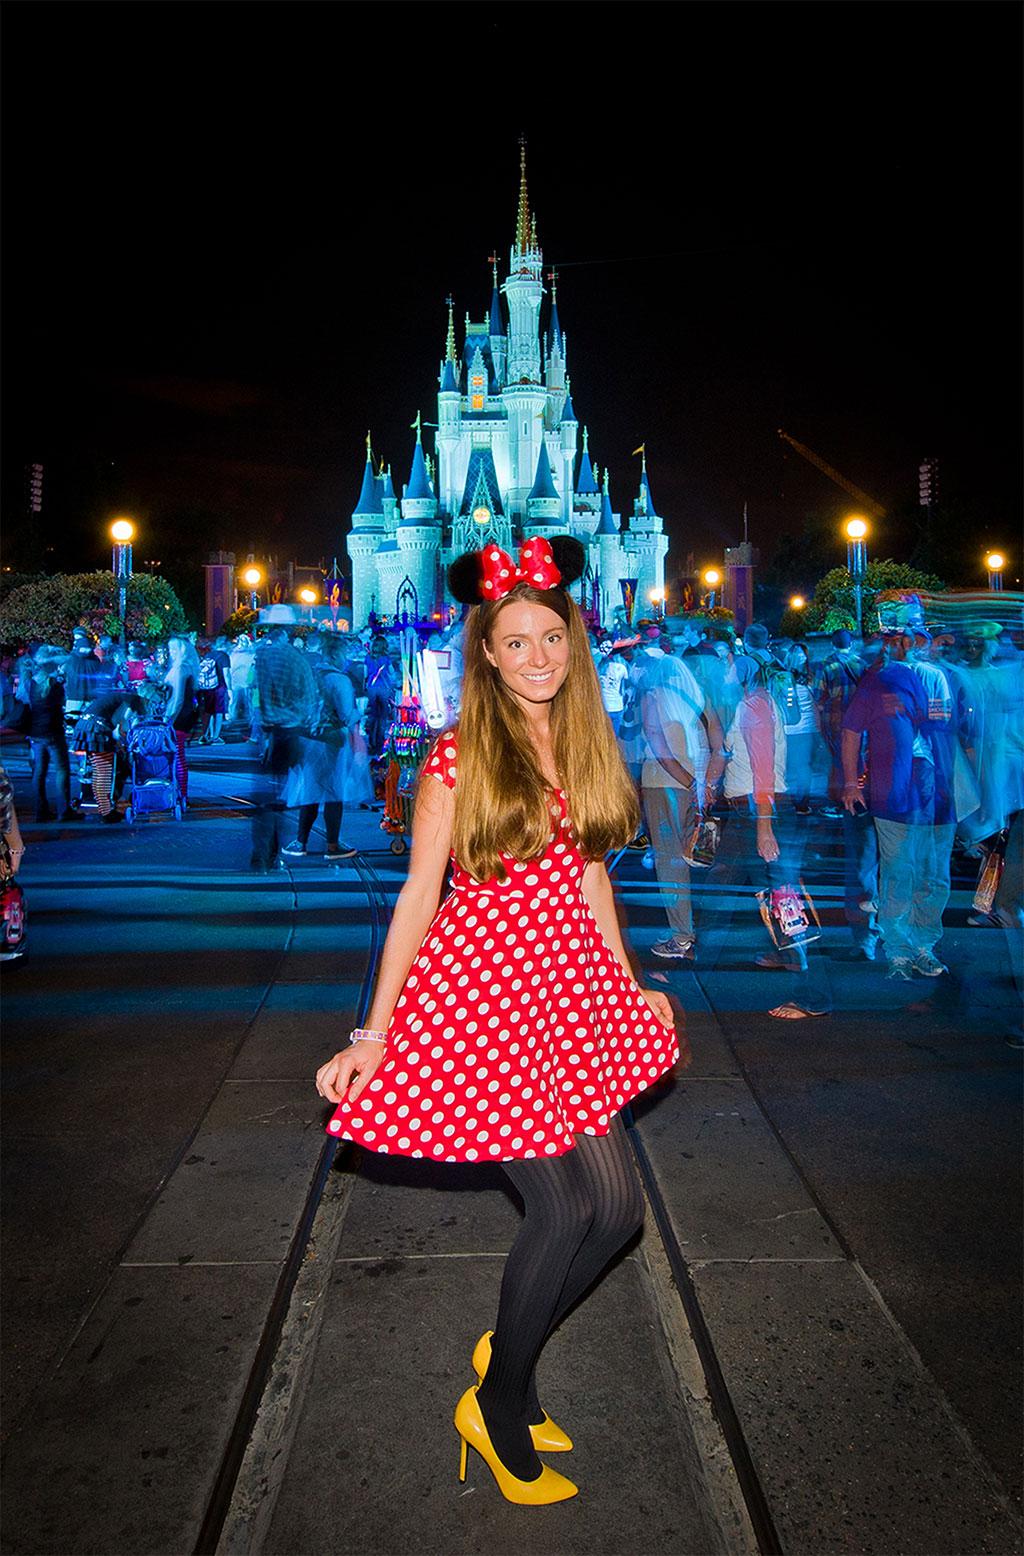 Foto da moça do Blog: http://www.disneytouristblog.com vestida de Minnie para a festa de Halloween